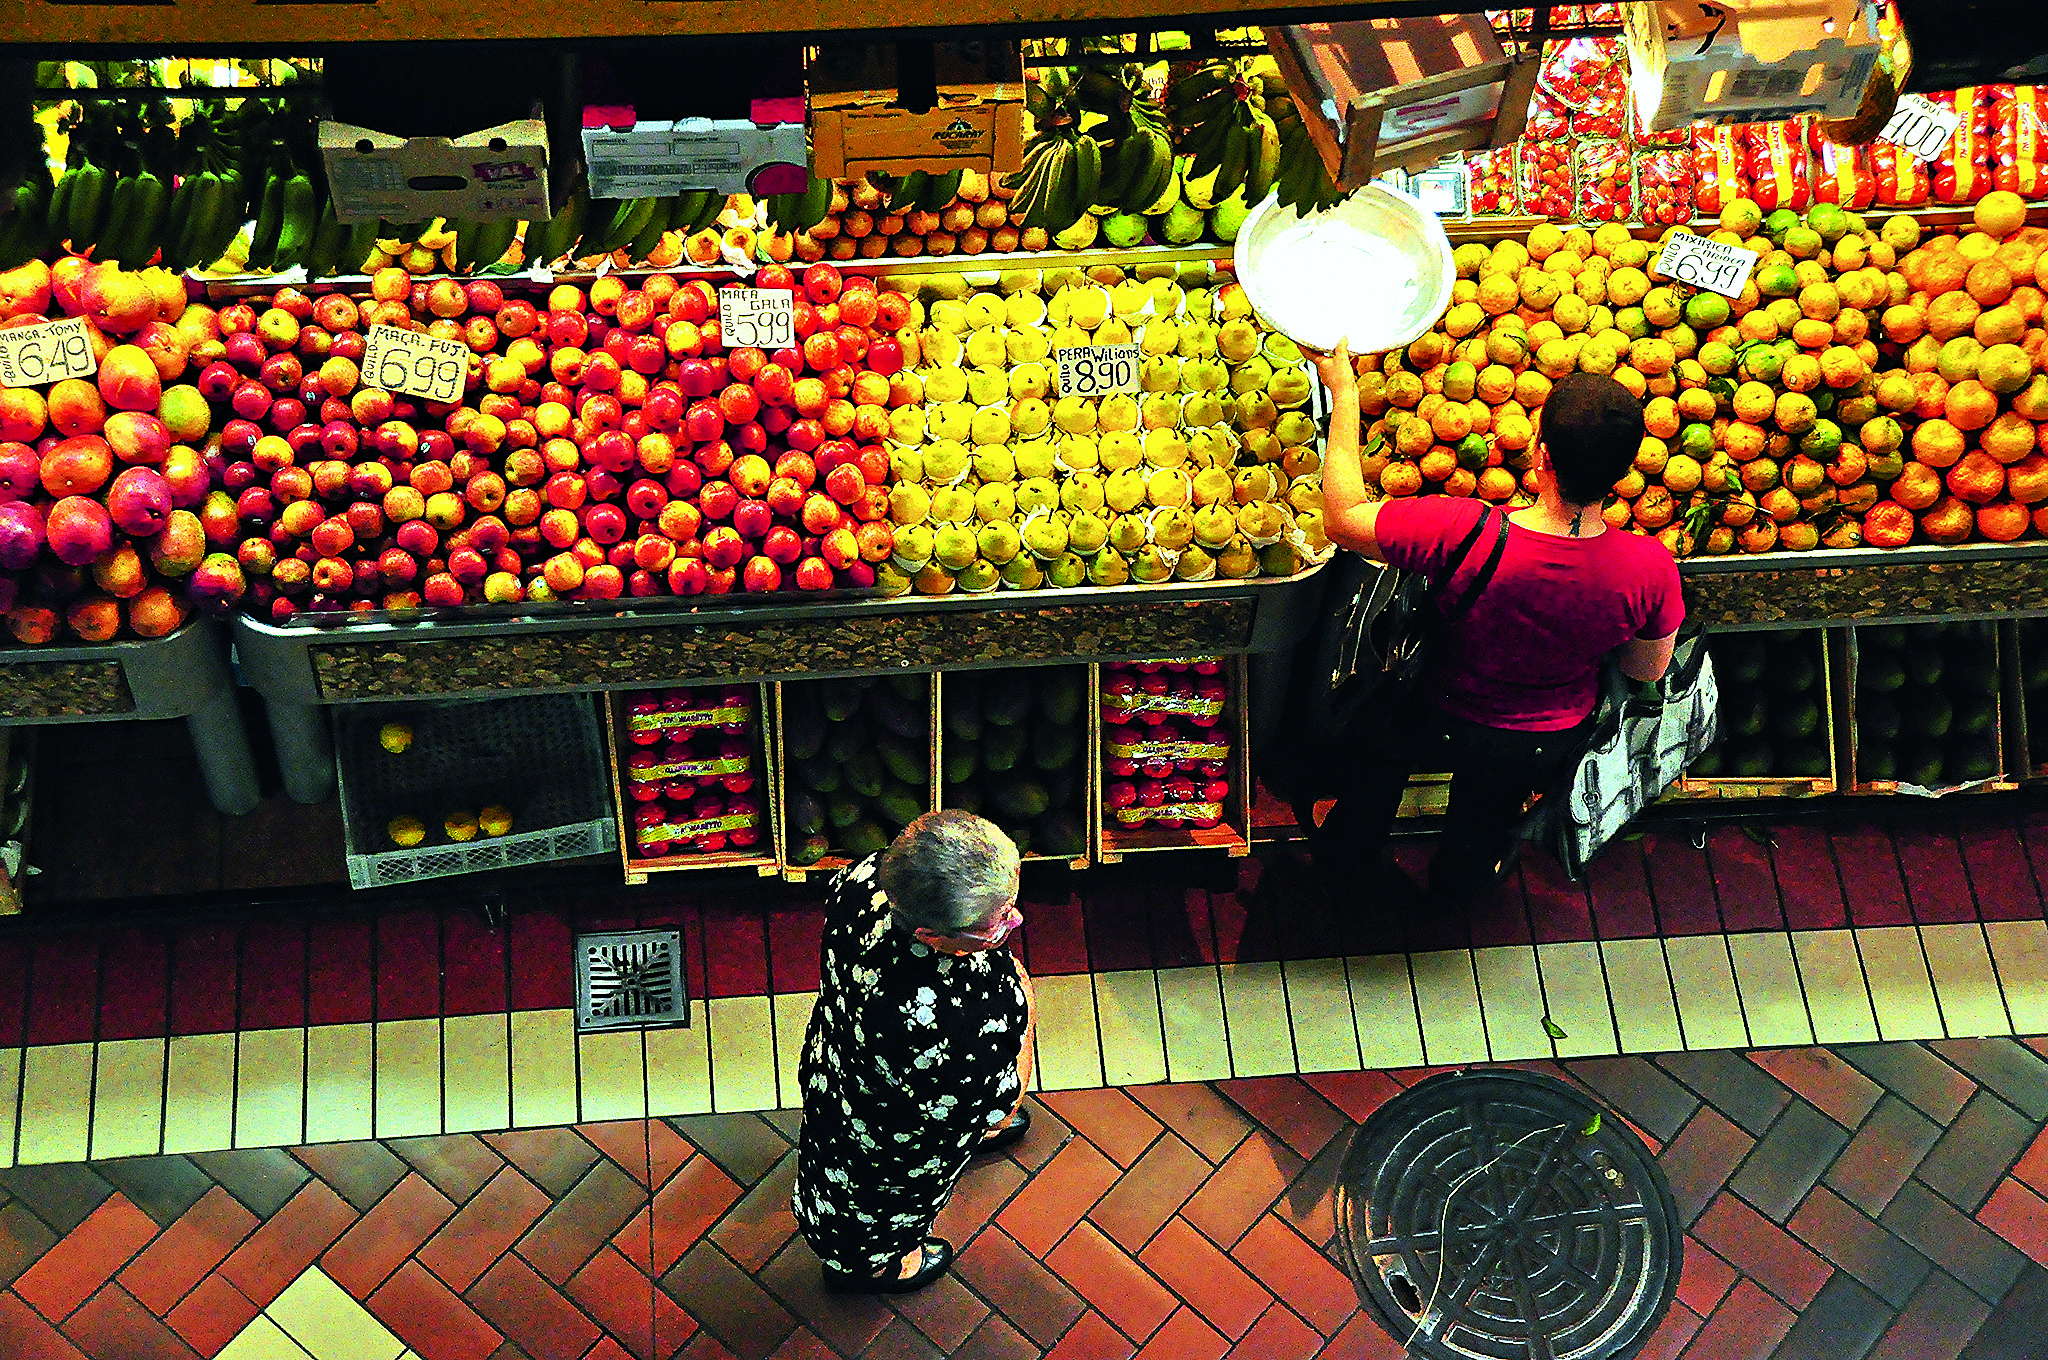 Barraca de frutas no Mercado Central, em Belo Horizonte